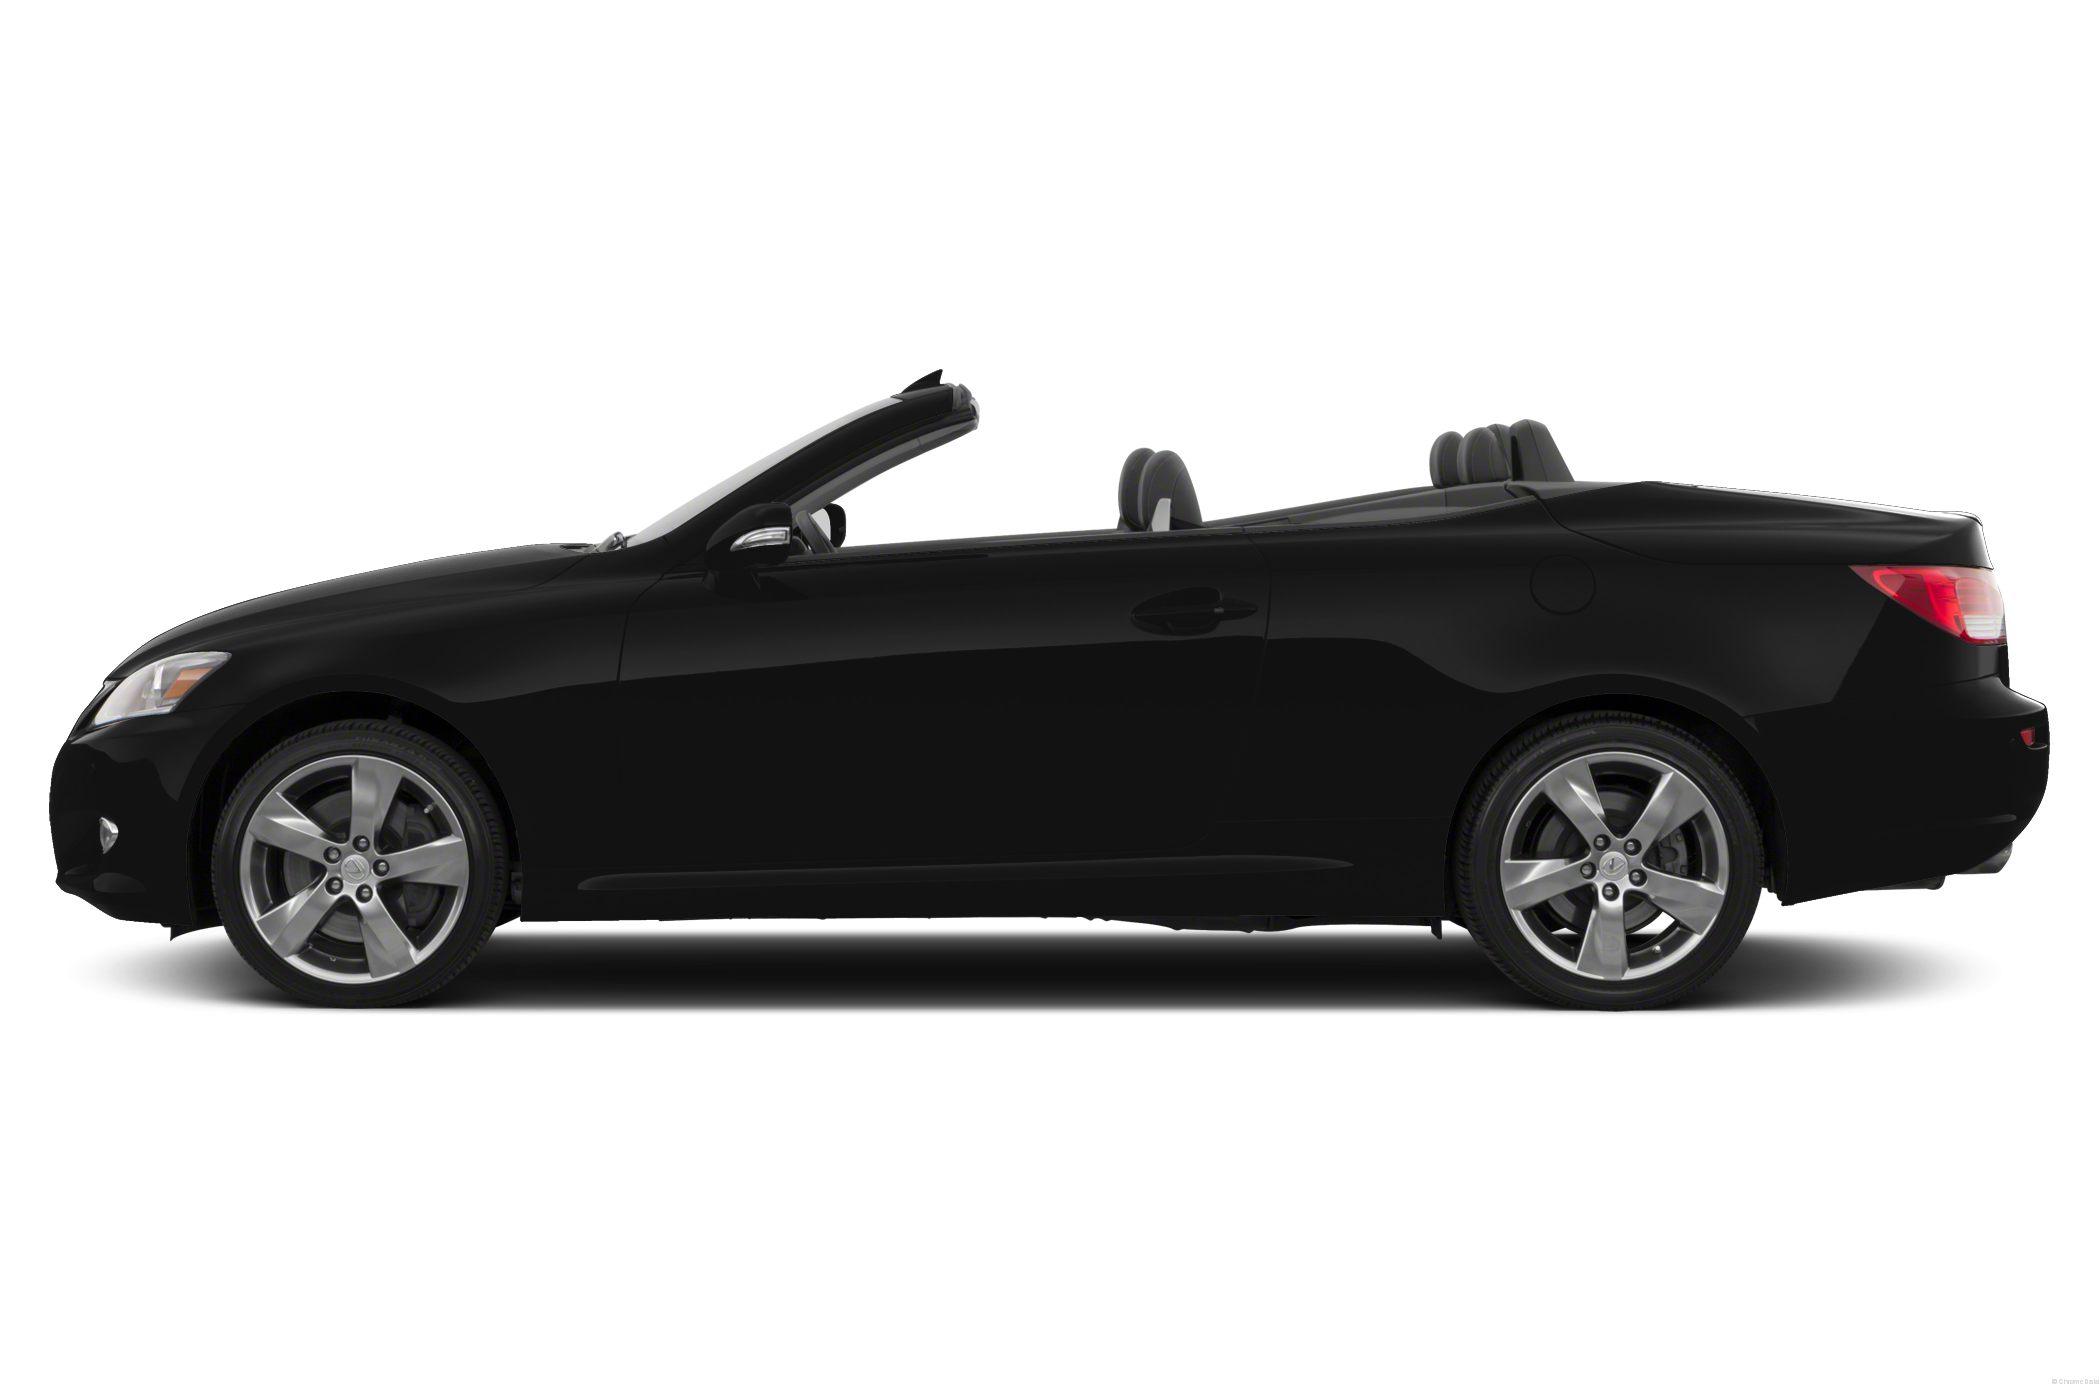 Lexus Is 350 >> 2013 LEXUS IS 350 C - Image #7